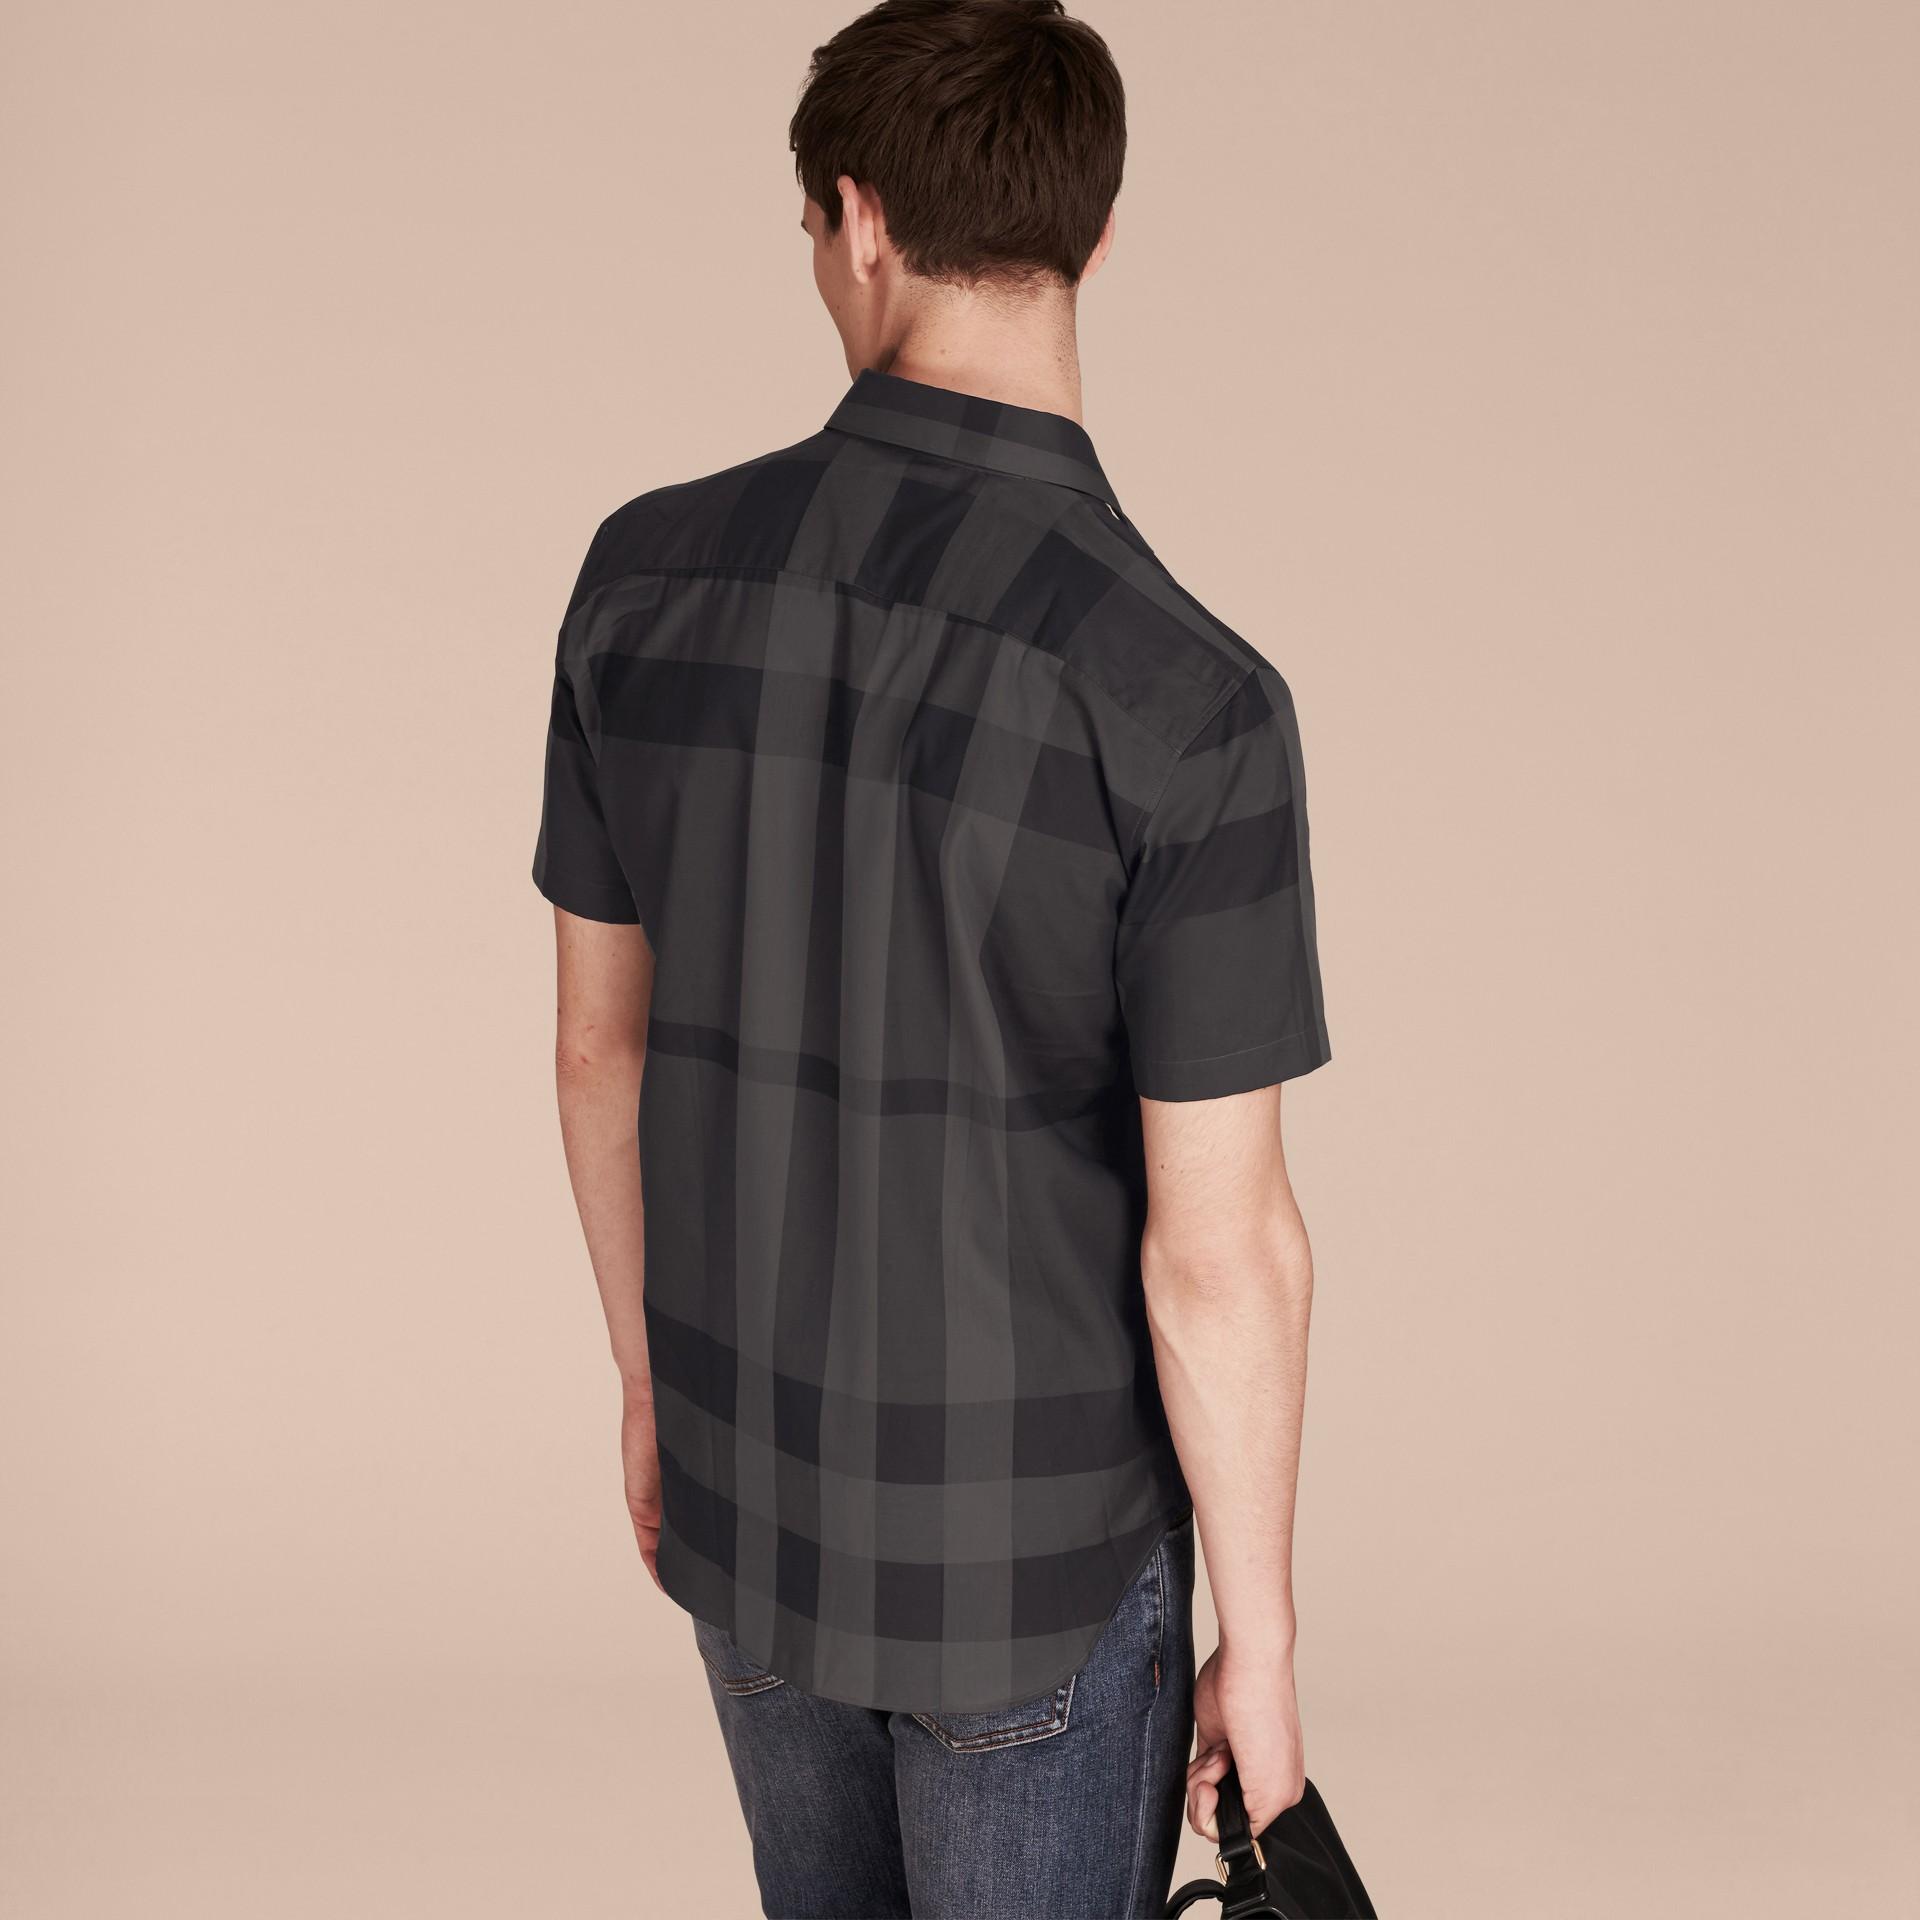 Gris marengo Camisa de manga corta en algodón con estampado de checks Gris Marengo - imagen de la galería 3